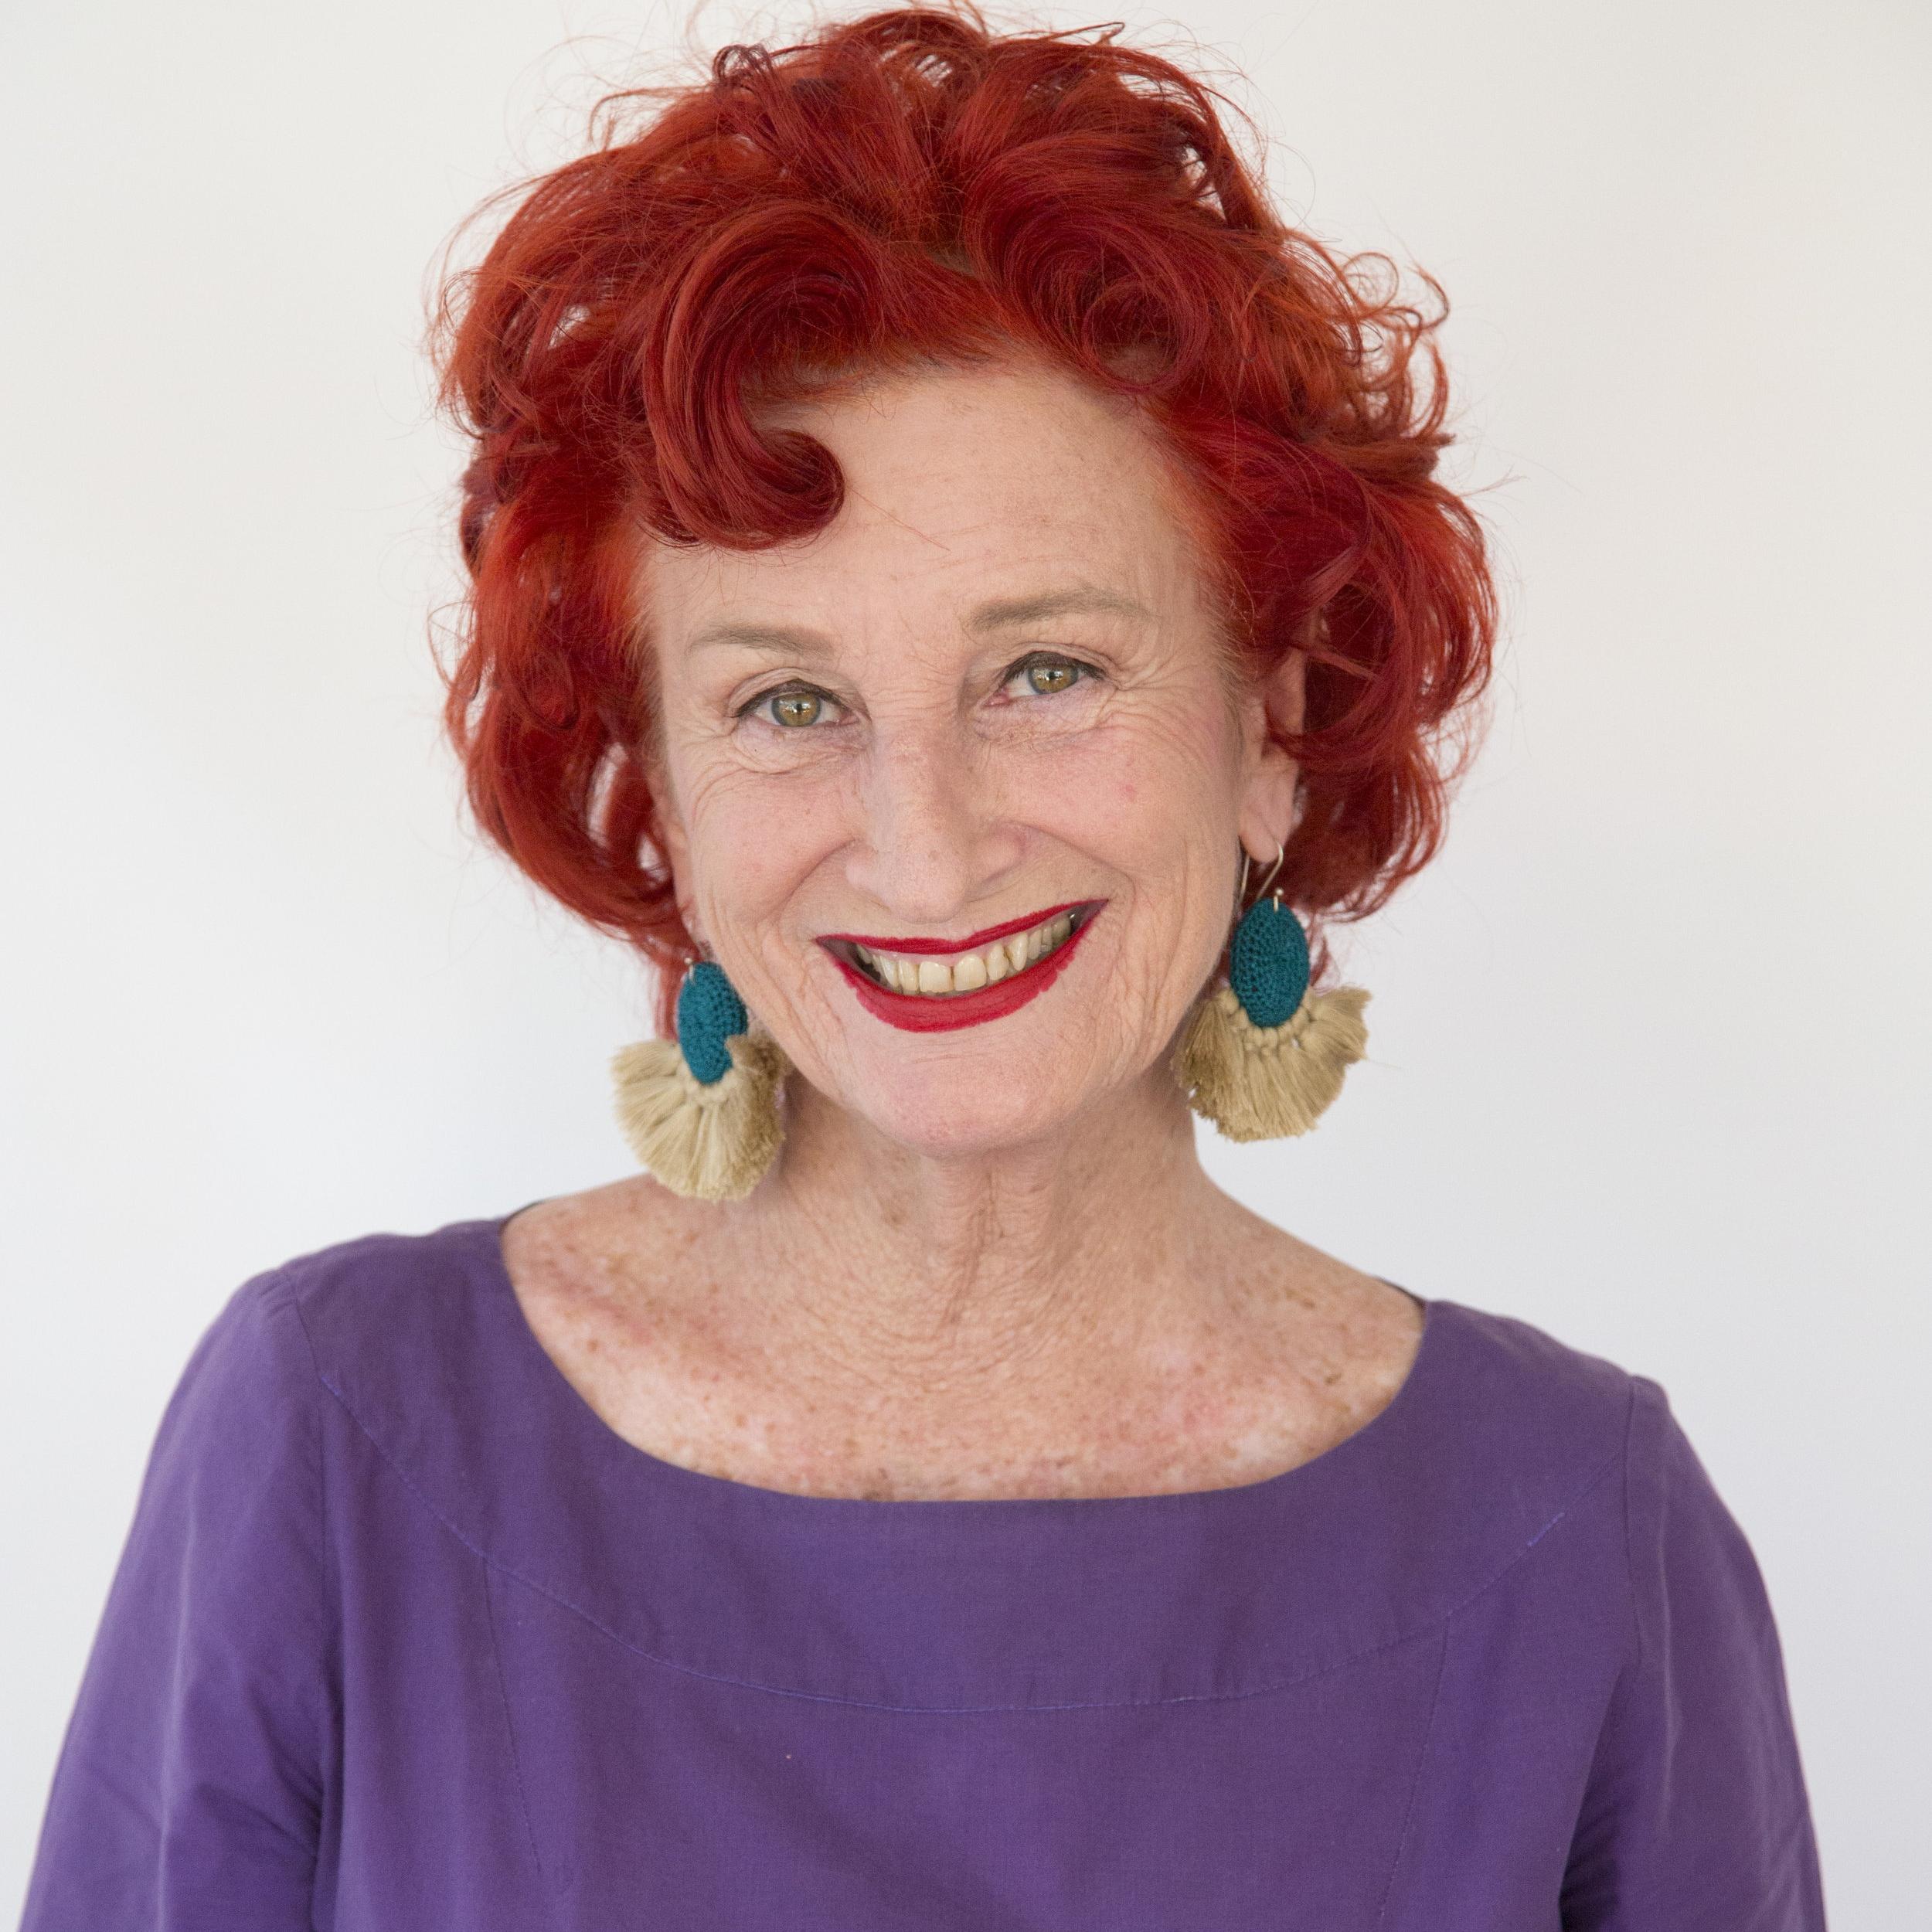 Peta wearing her CROCHET DISC TASSEL EARRINGS in turquoise & straw